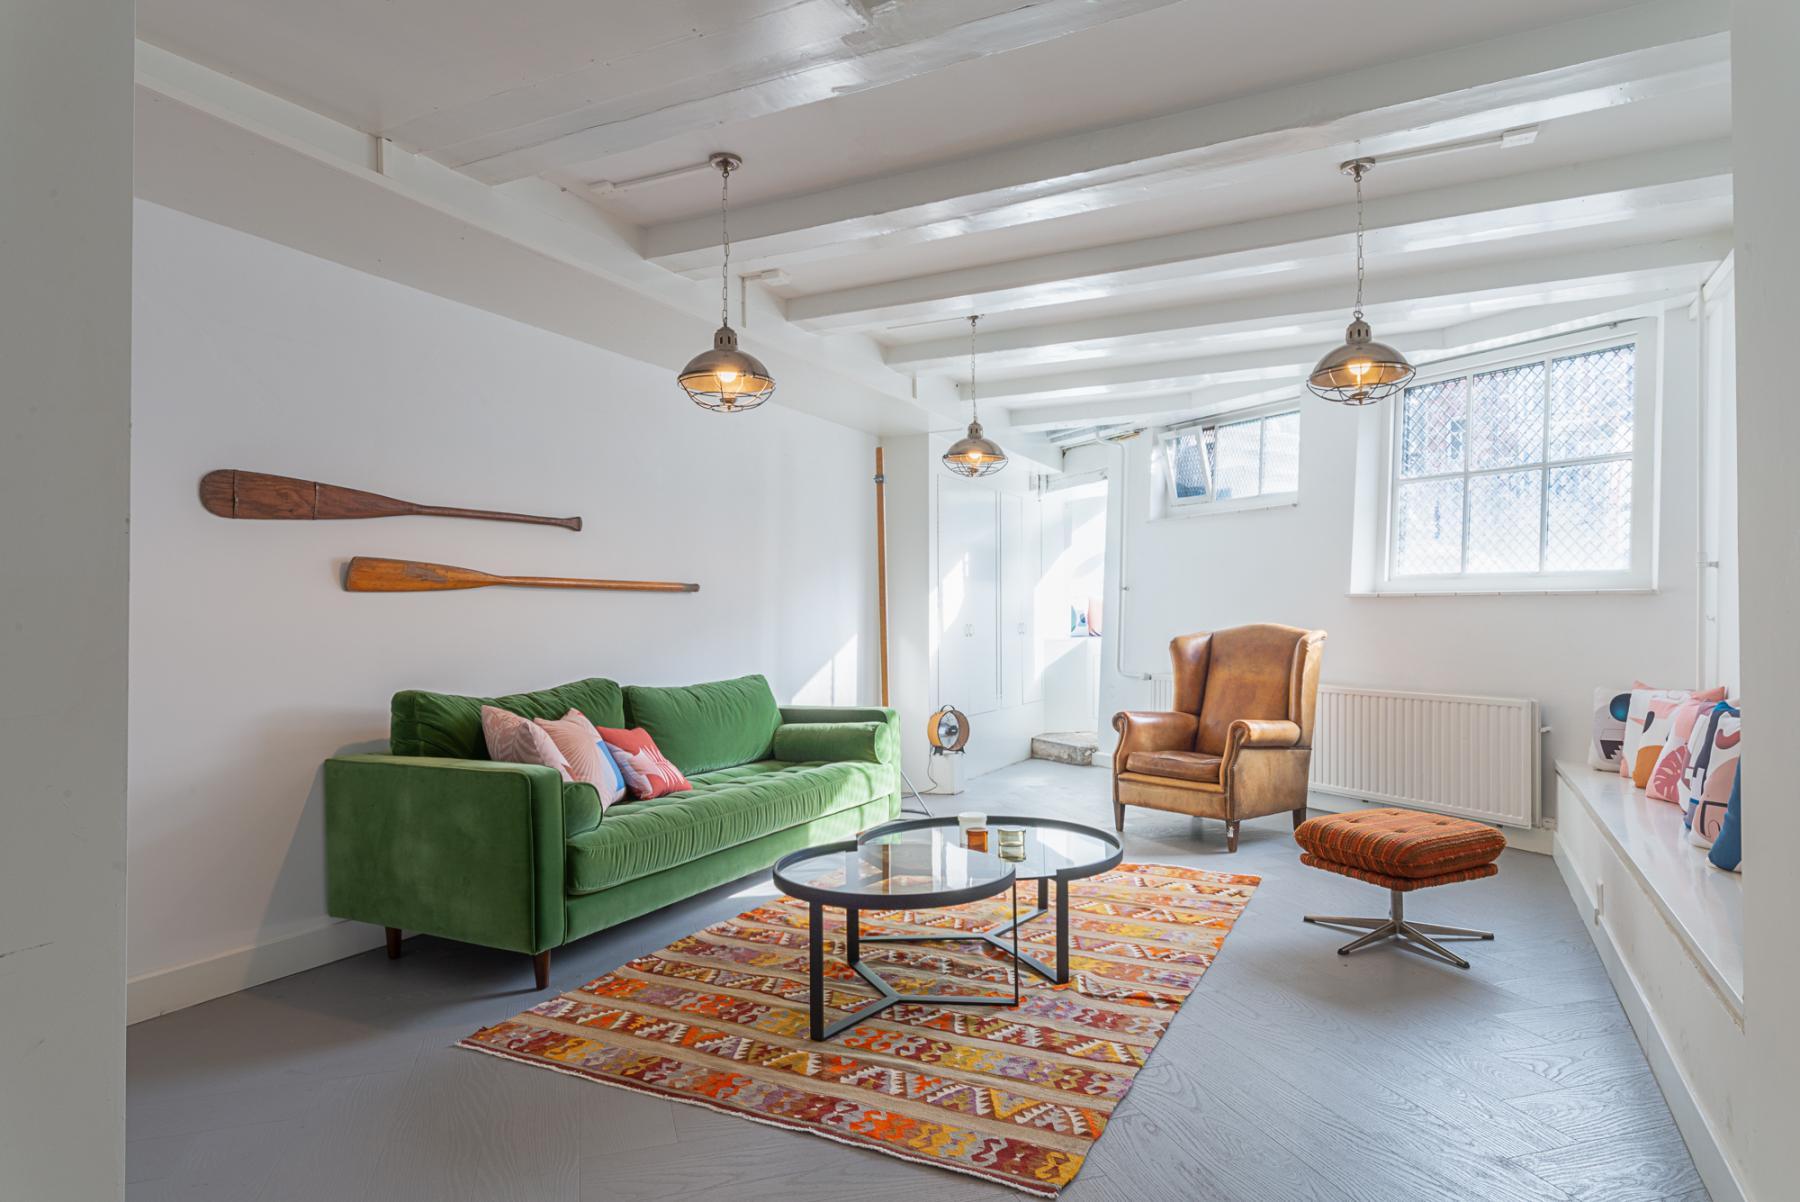 Rent office space Nieuwezijds Voorburgwal 296-298, Amsterdam (1)